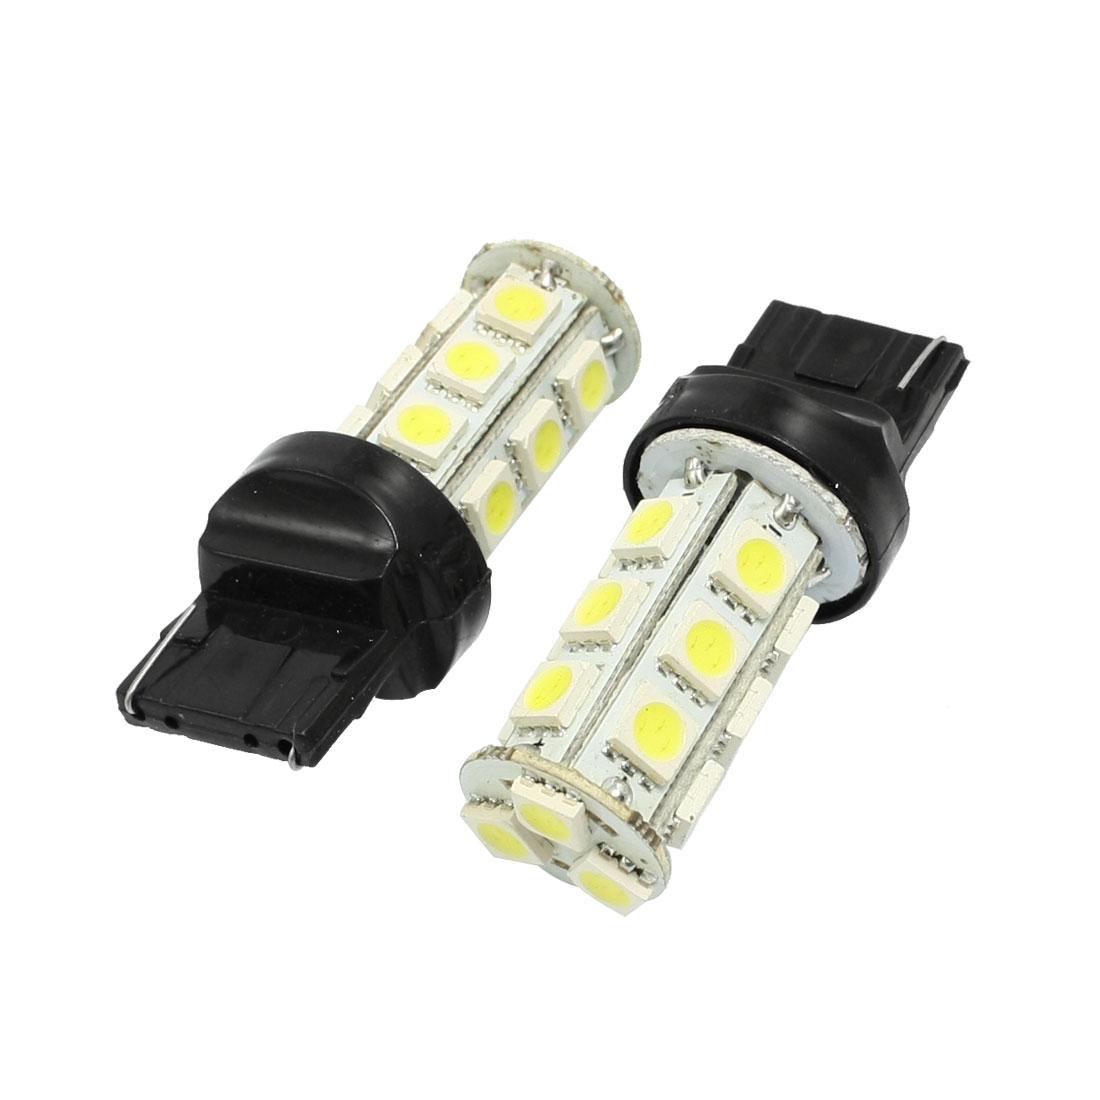 2 Pcs T20 18 5050 SMD LED Car Tail Backup Turn Signal Lamp Bulb Lamp White